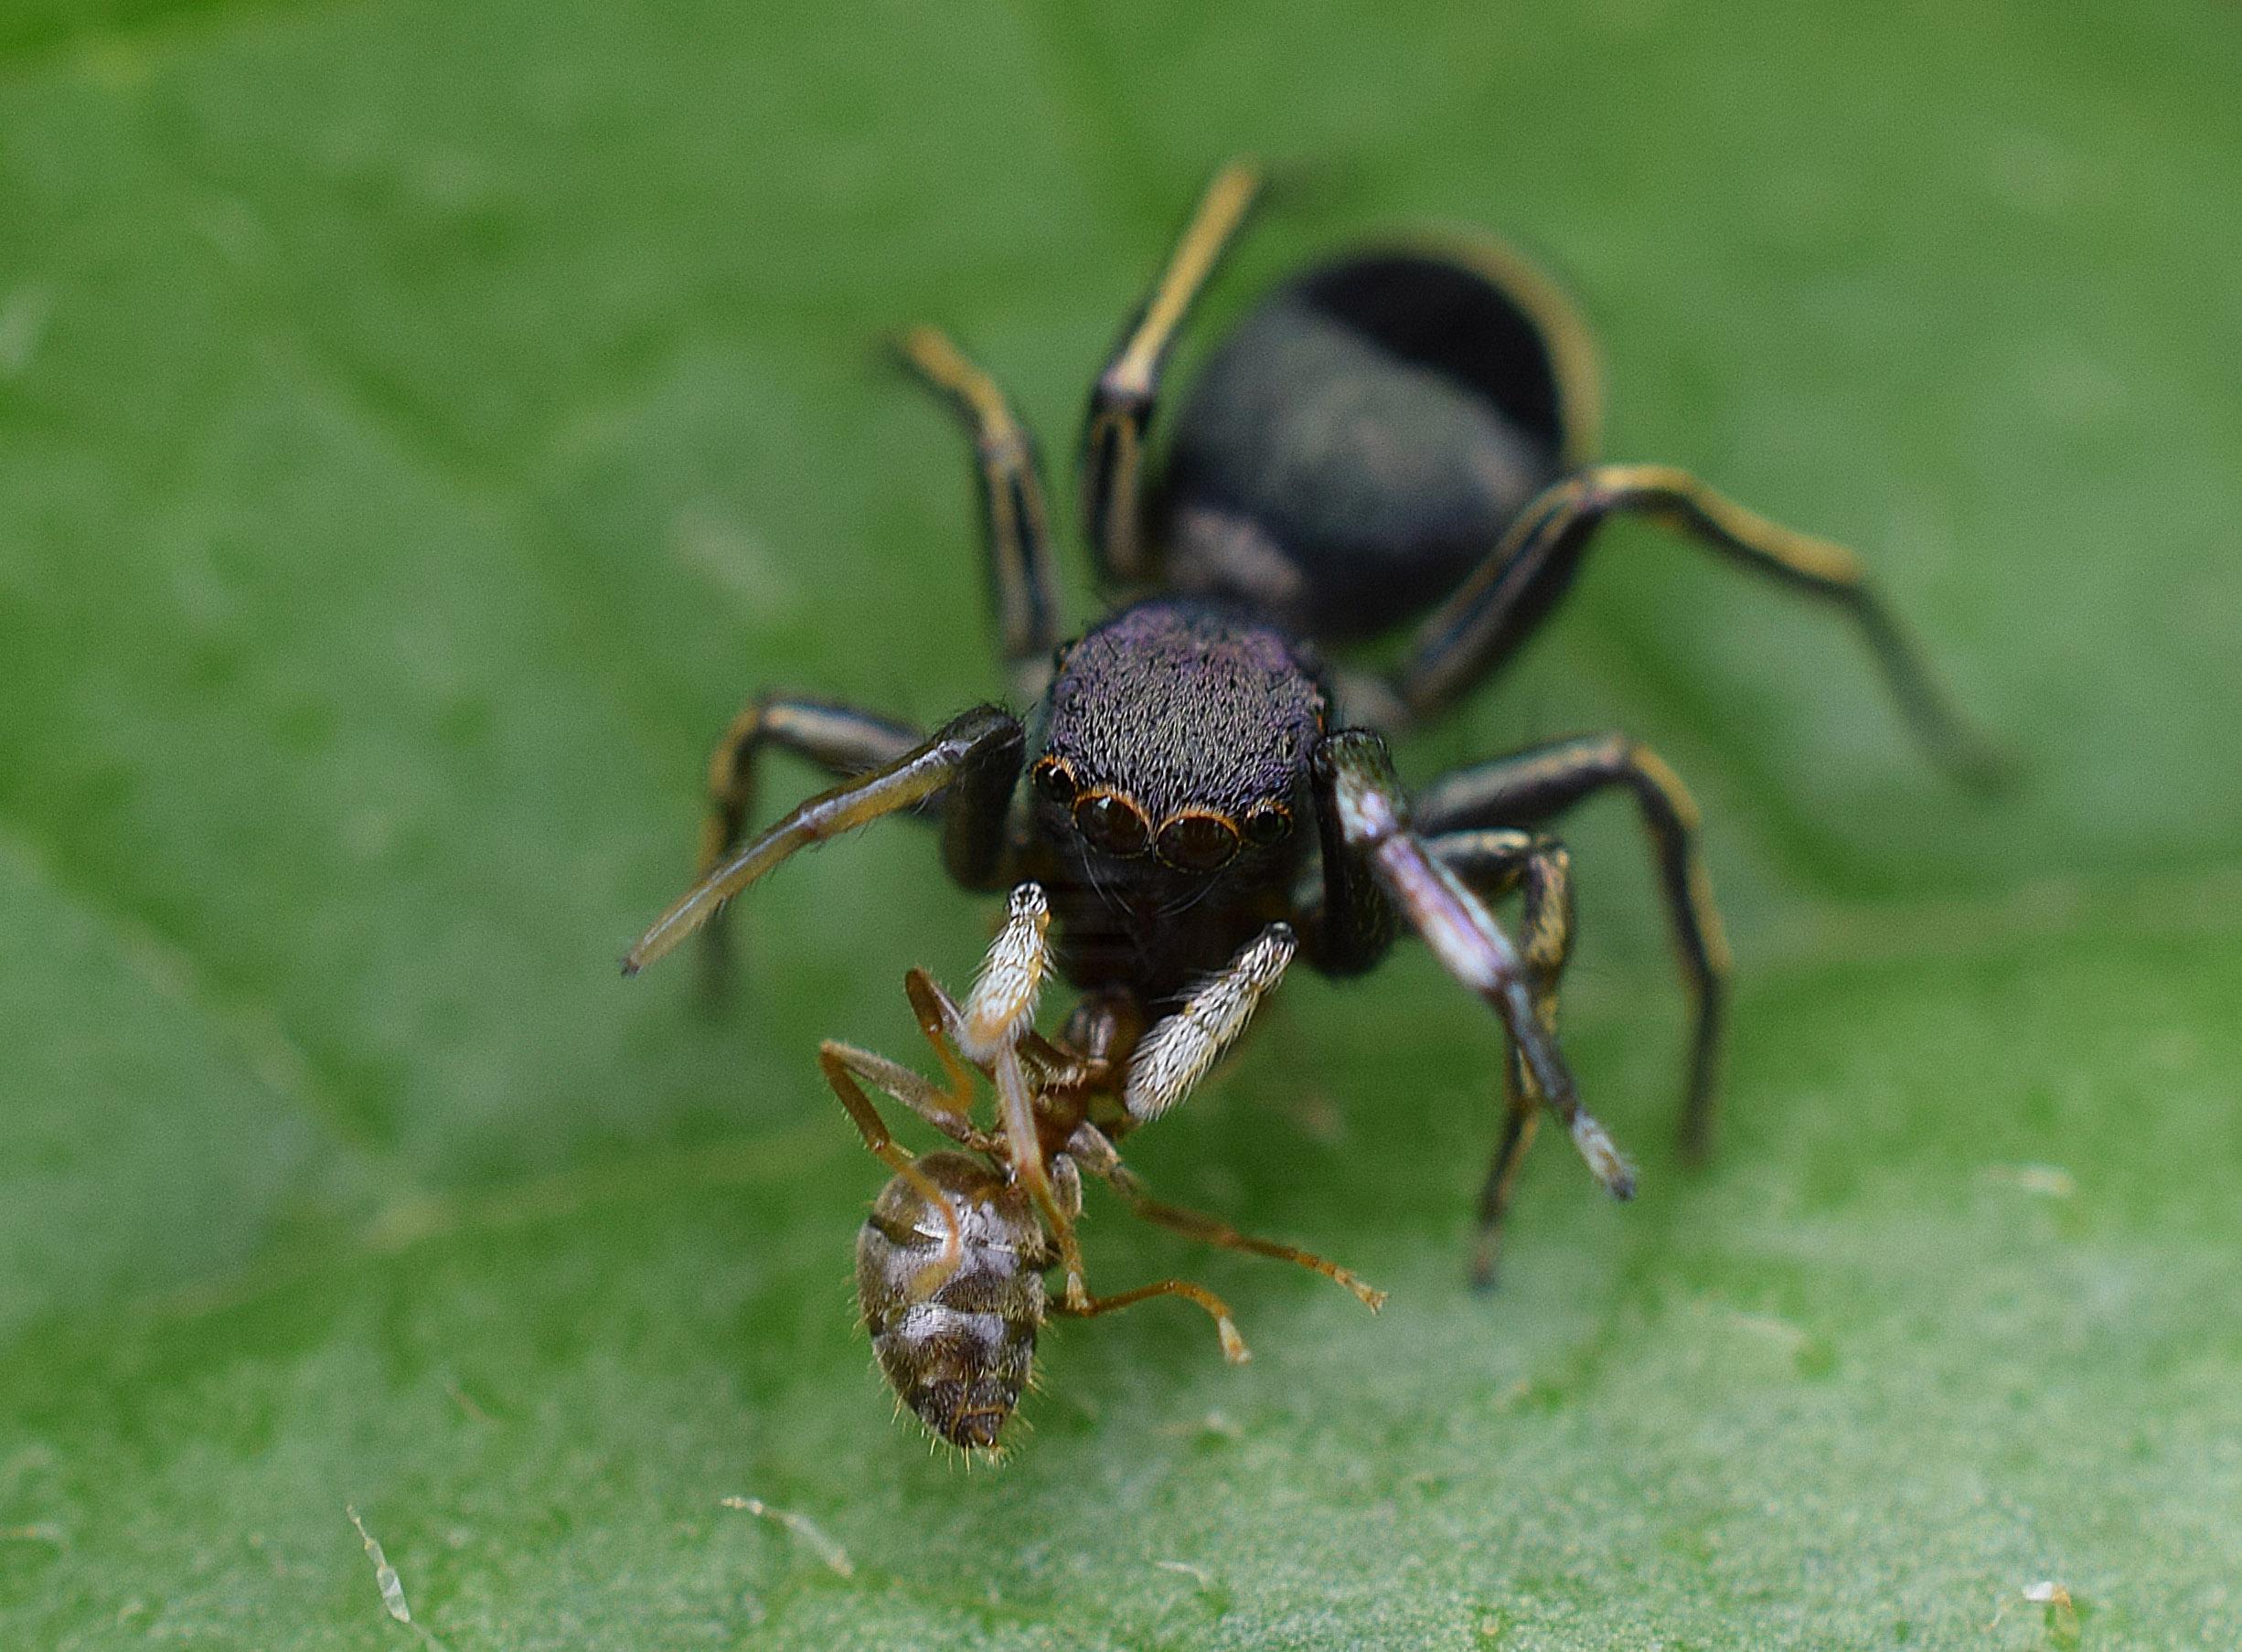 クモとアリの関係